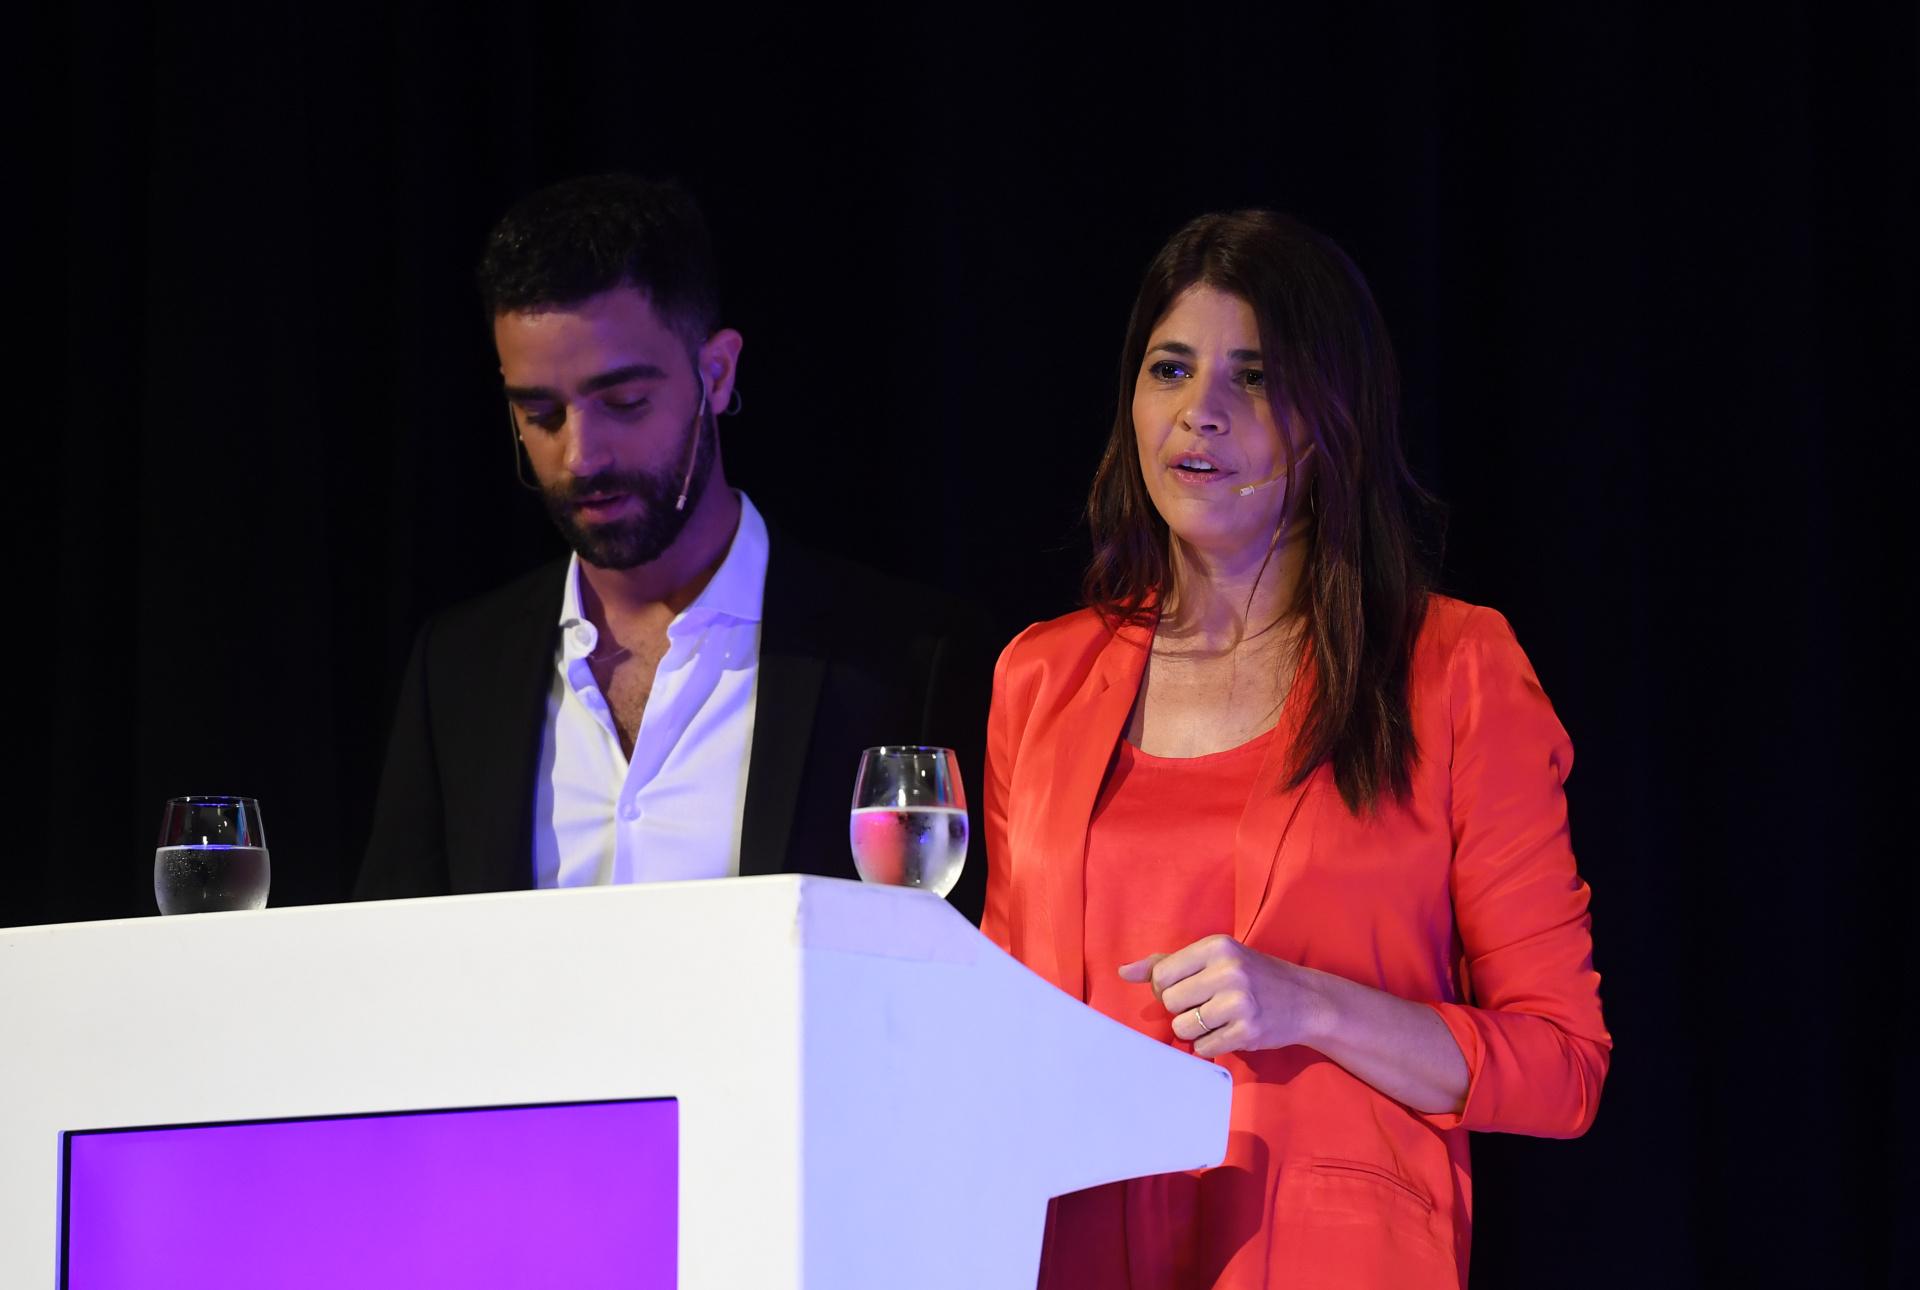 Los periodistas Diego Poggi y Eleonora Cole estuvieron a cargo de la conducción del evento